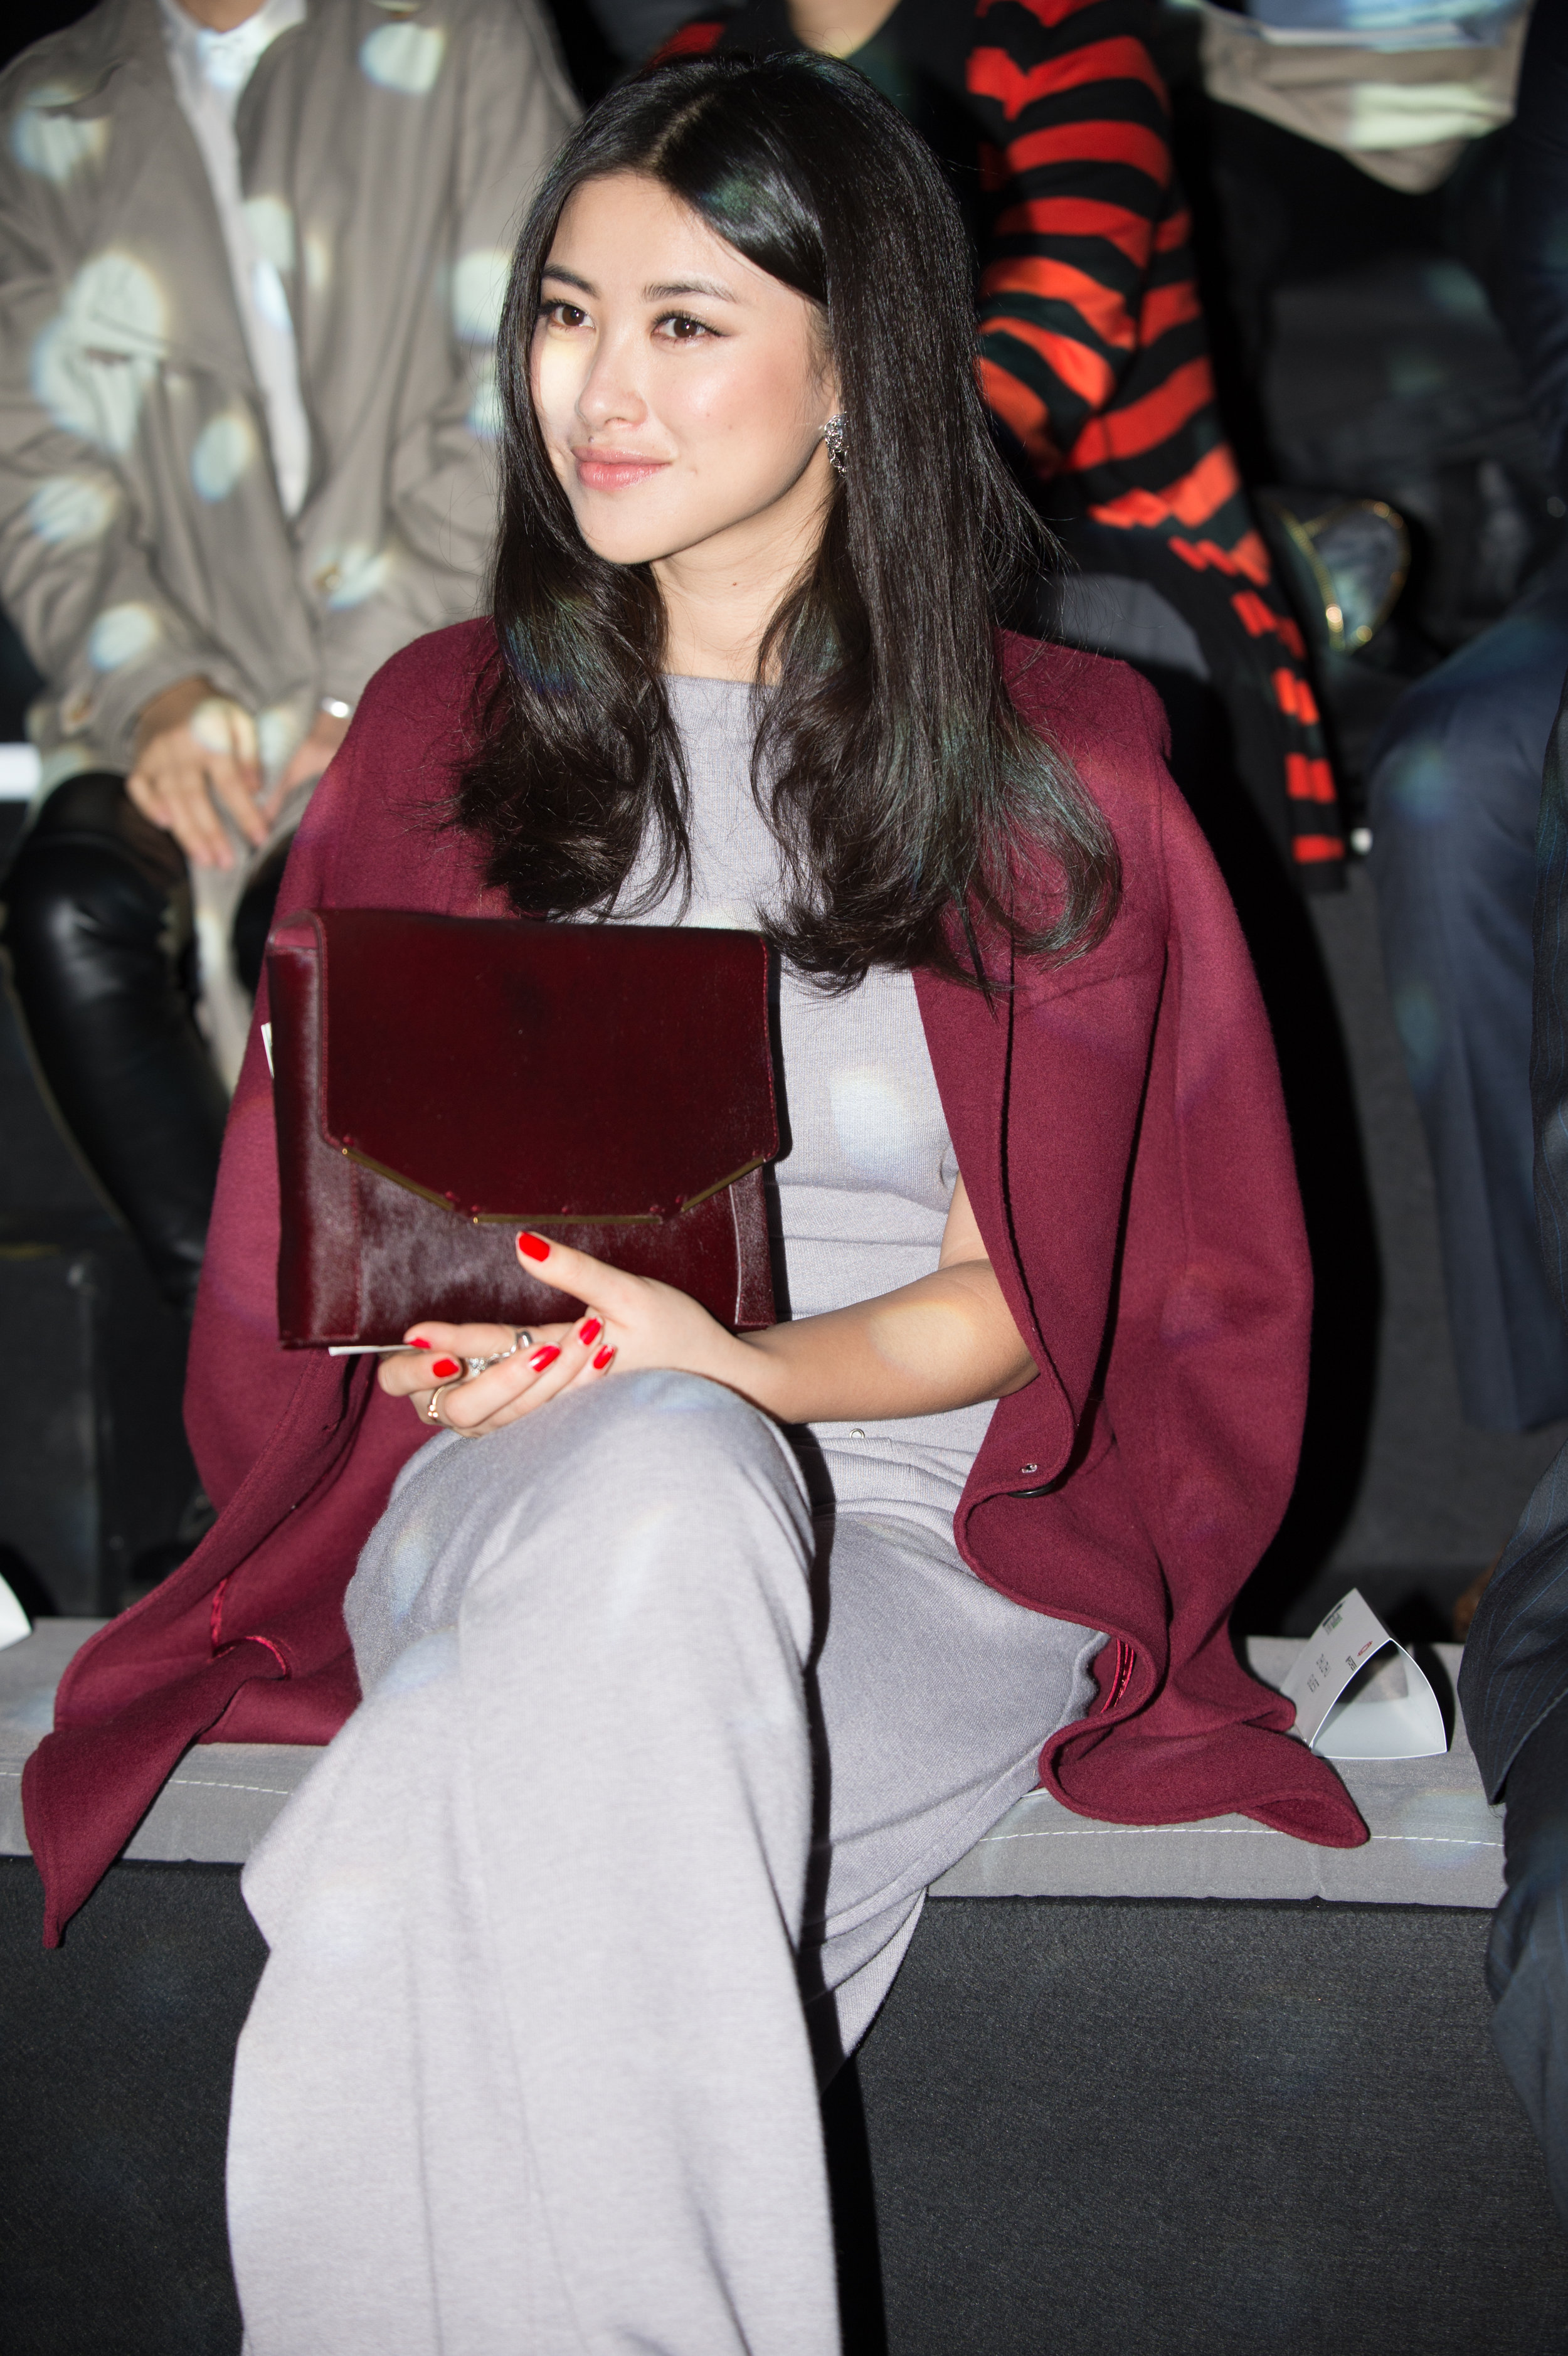 Chinese actress Zhu Zhu attends the Redress Design Award 2012 China Grand Final Show